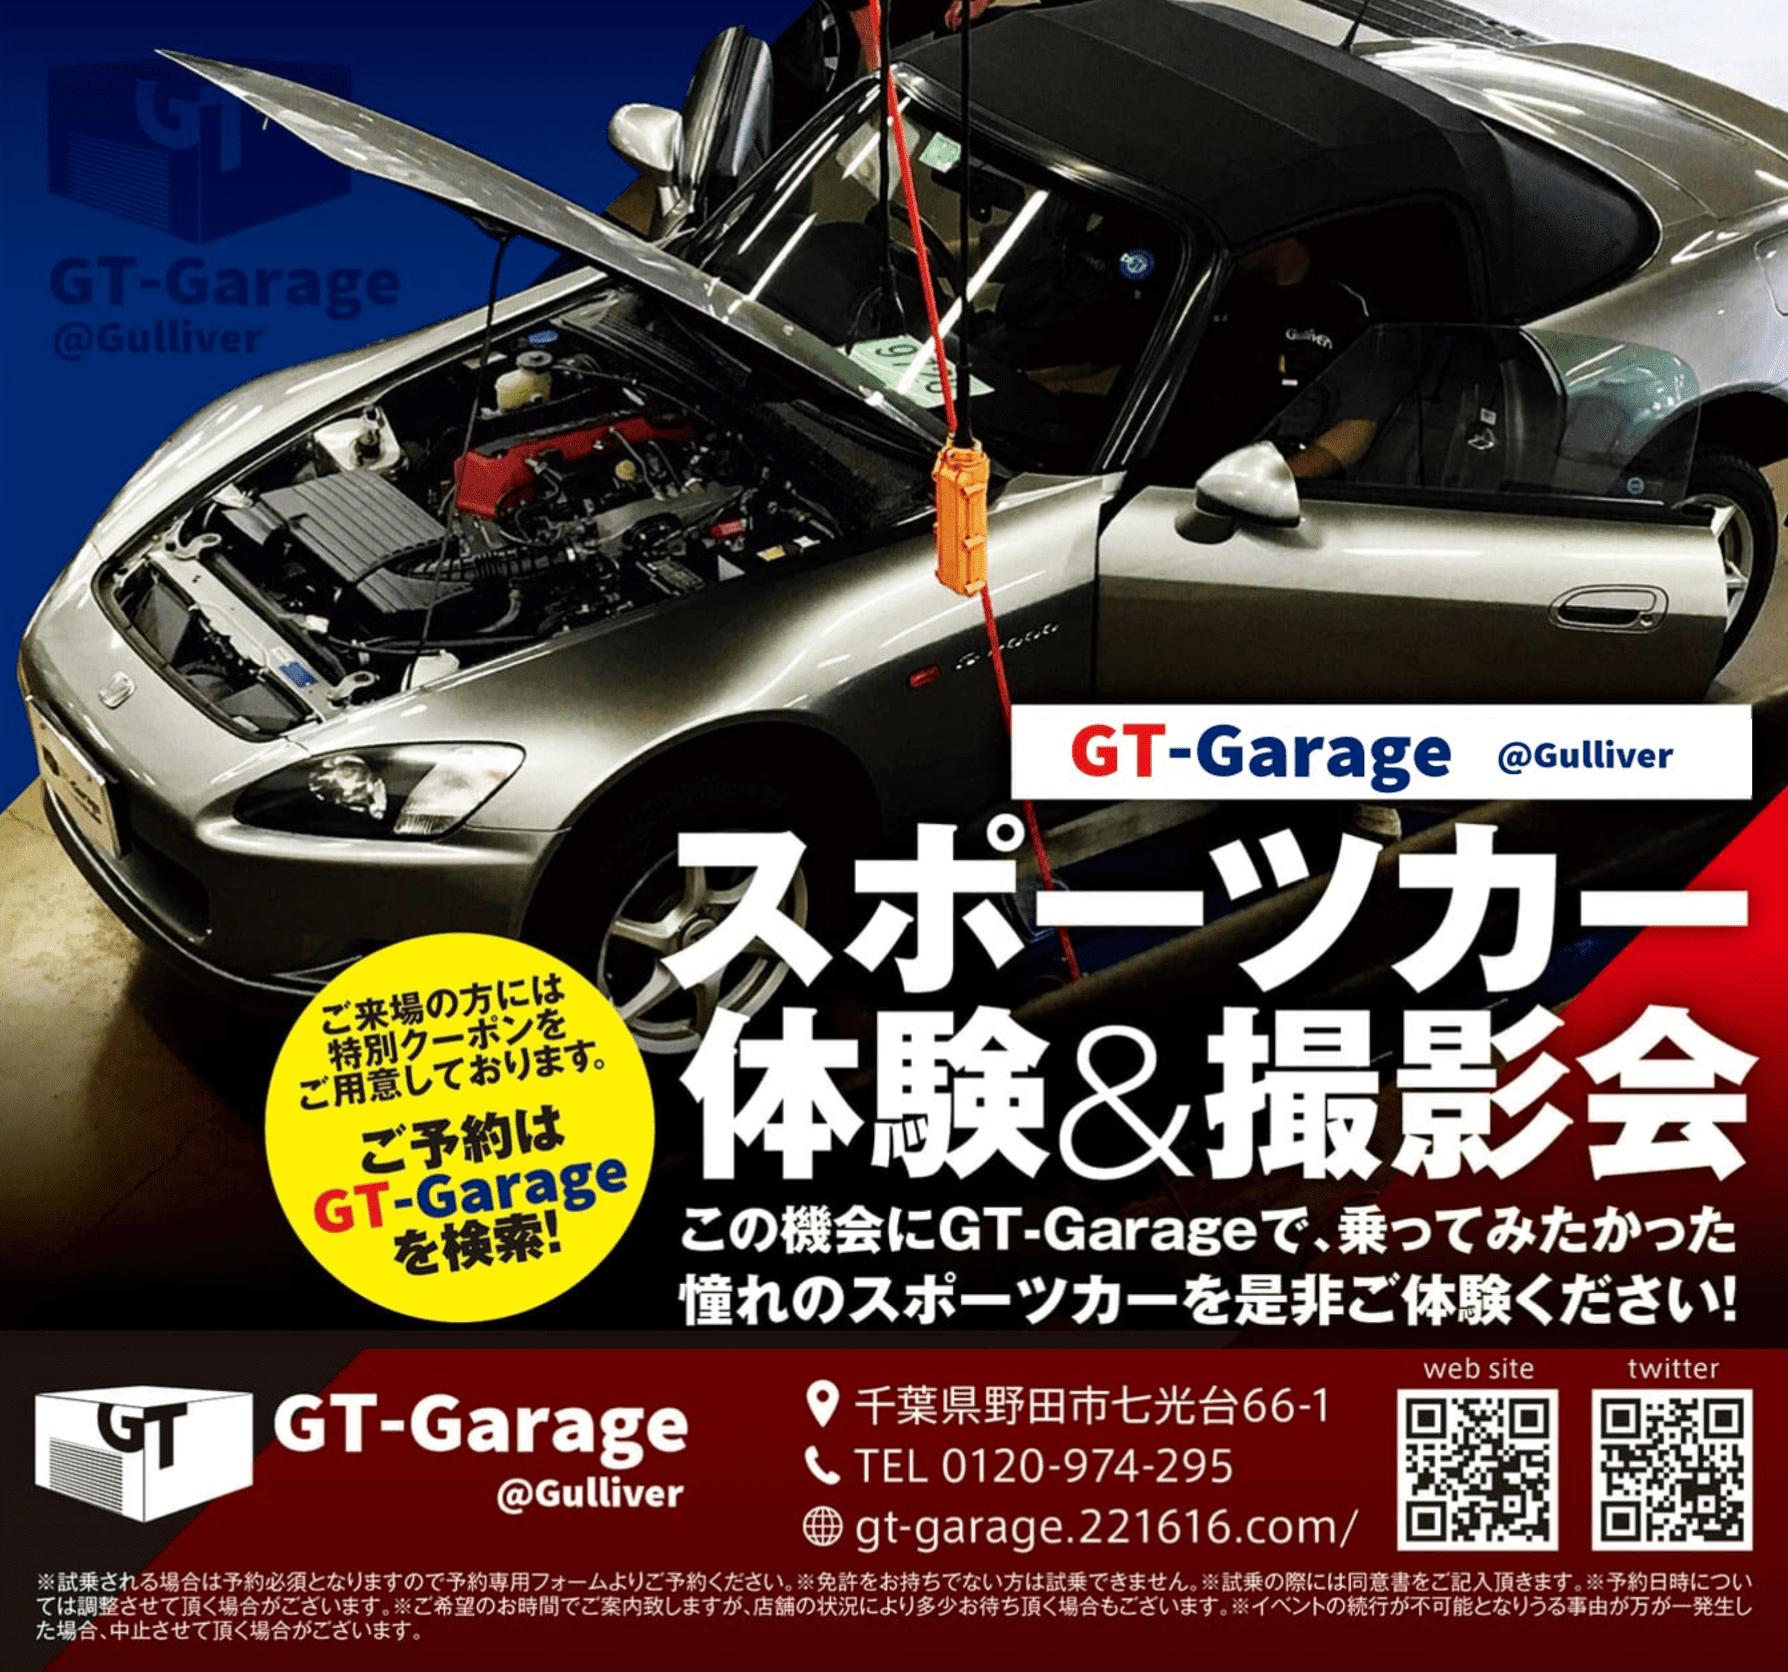 スポーツカー体験&撮影会 2019/10/12(土)・13(日)